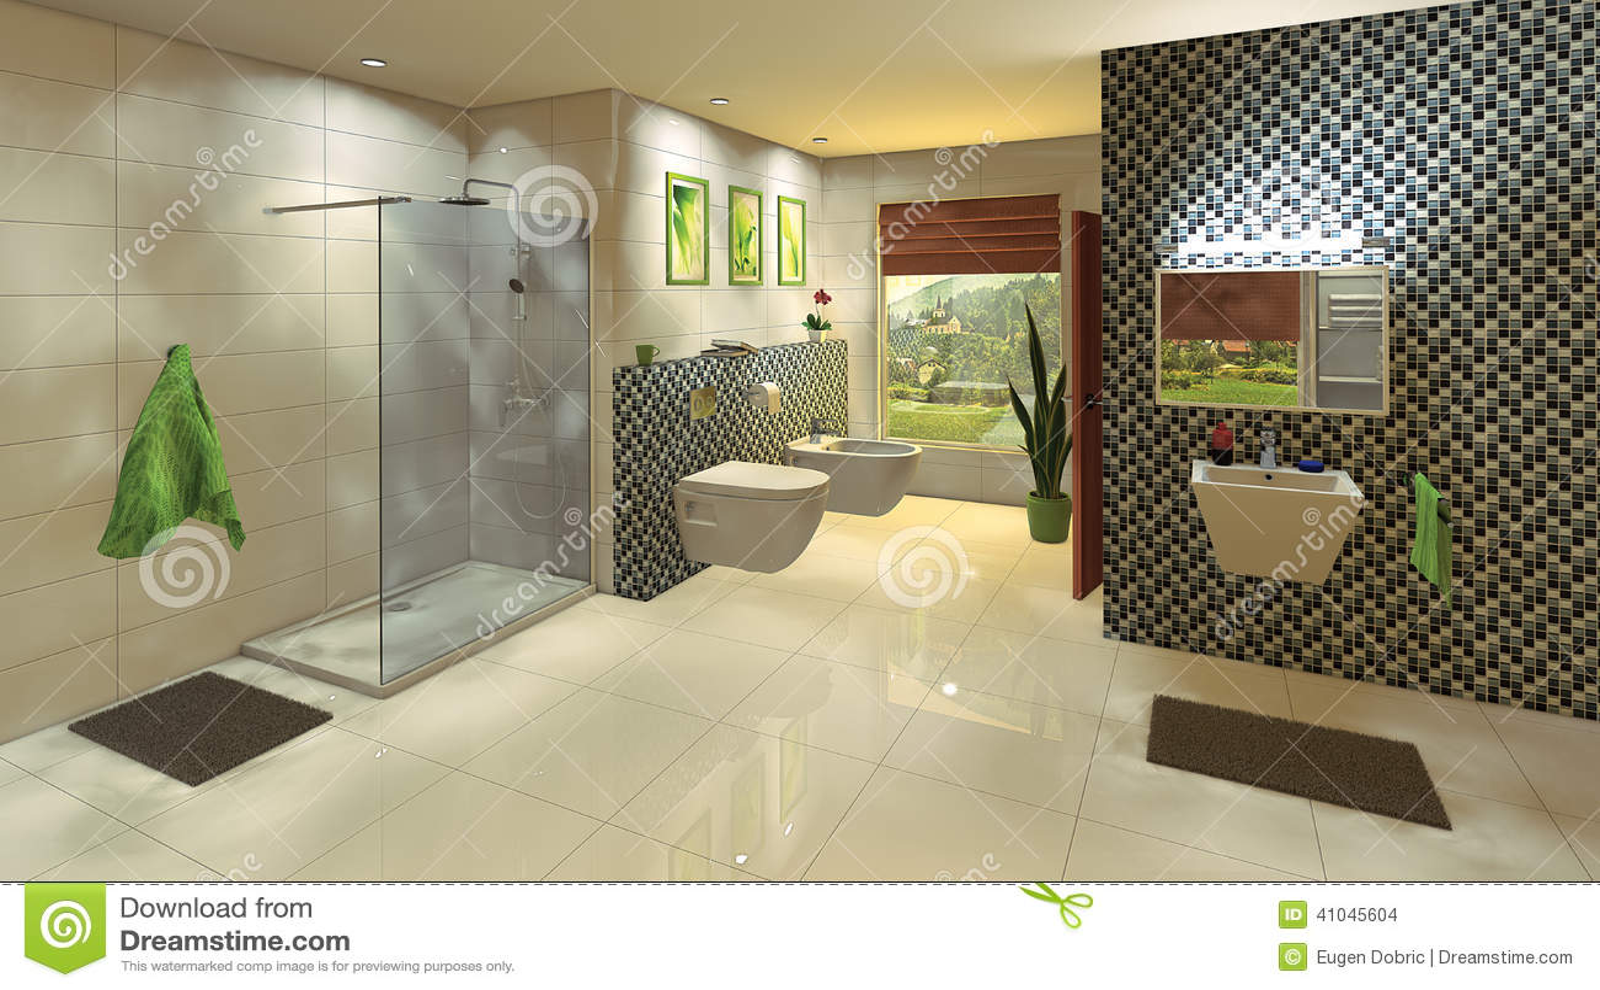 Bagno moderno con la parete del mosaico illustrazione di stock immagine 41045604 - Bagno moderno mosaico ...